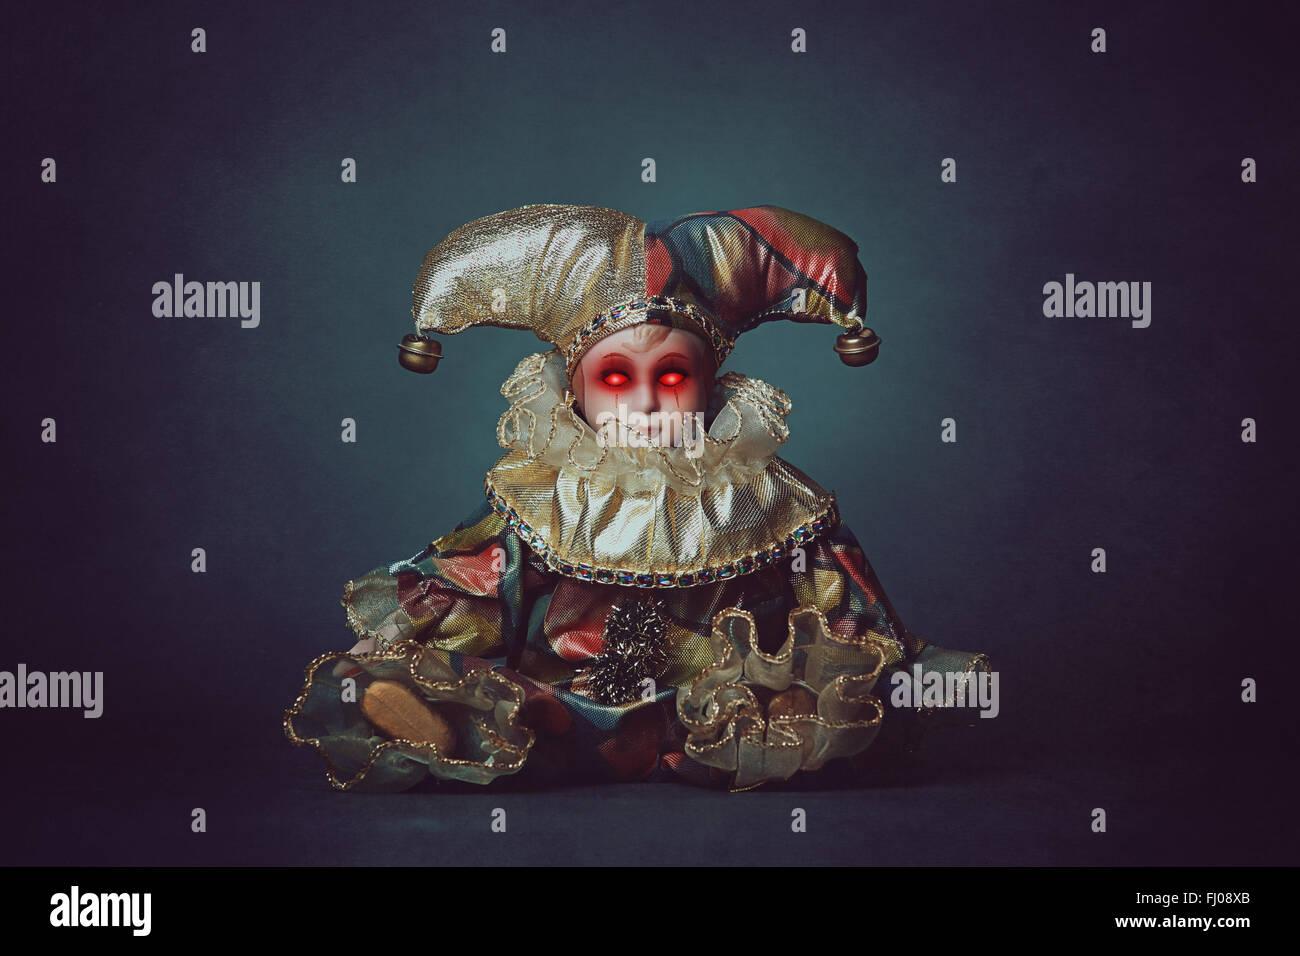 Beängstigend Clown Puppe mit dämonischen Augen. Horror und halloween Stockbild